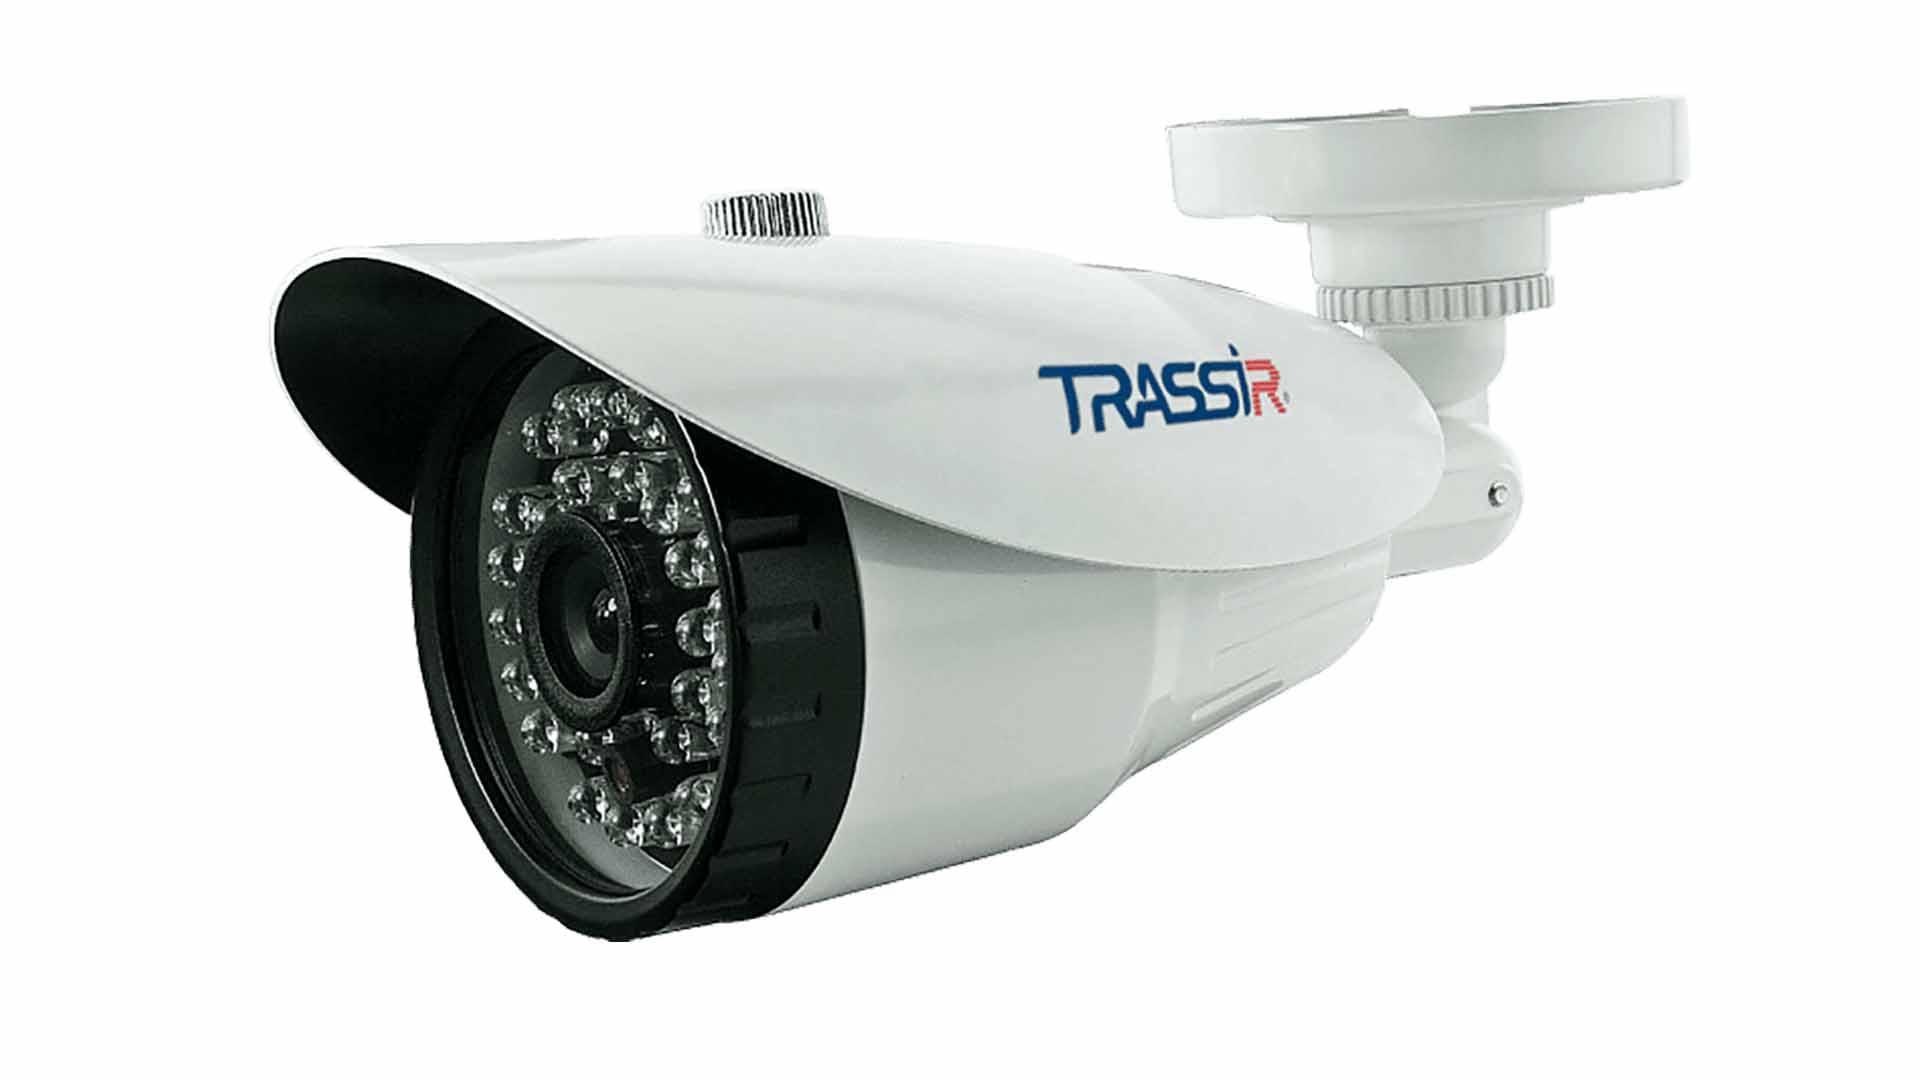 Trassir TR-D2B5